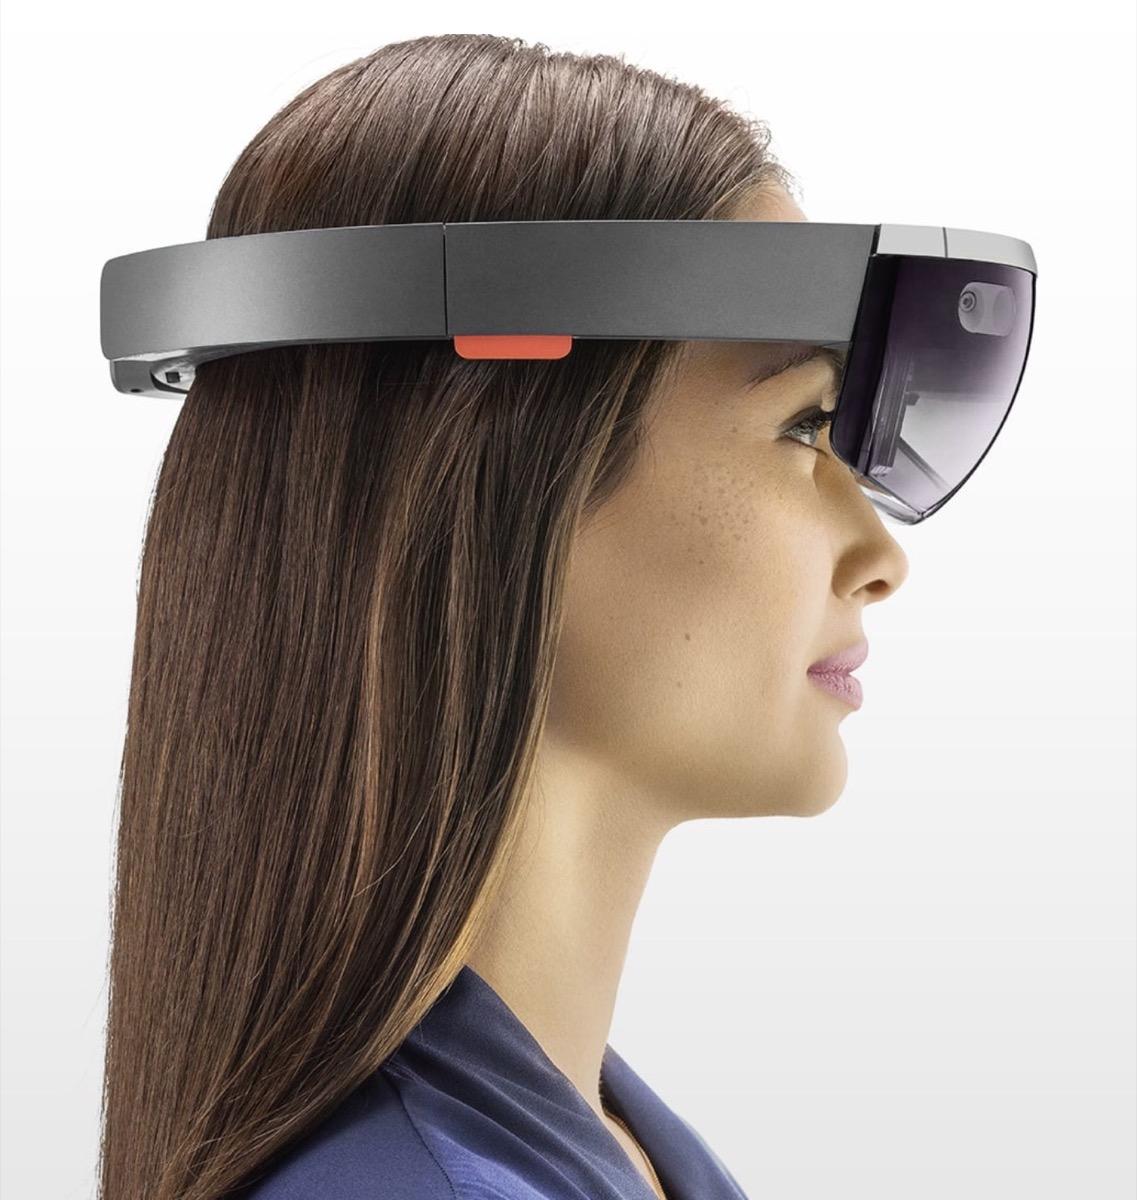 HoloLens italia